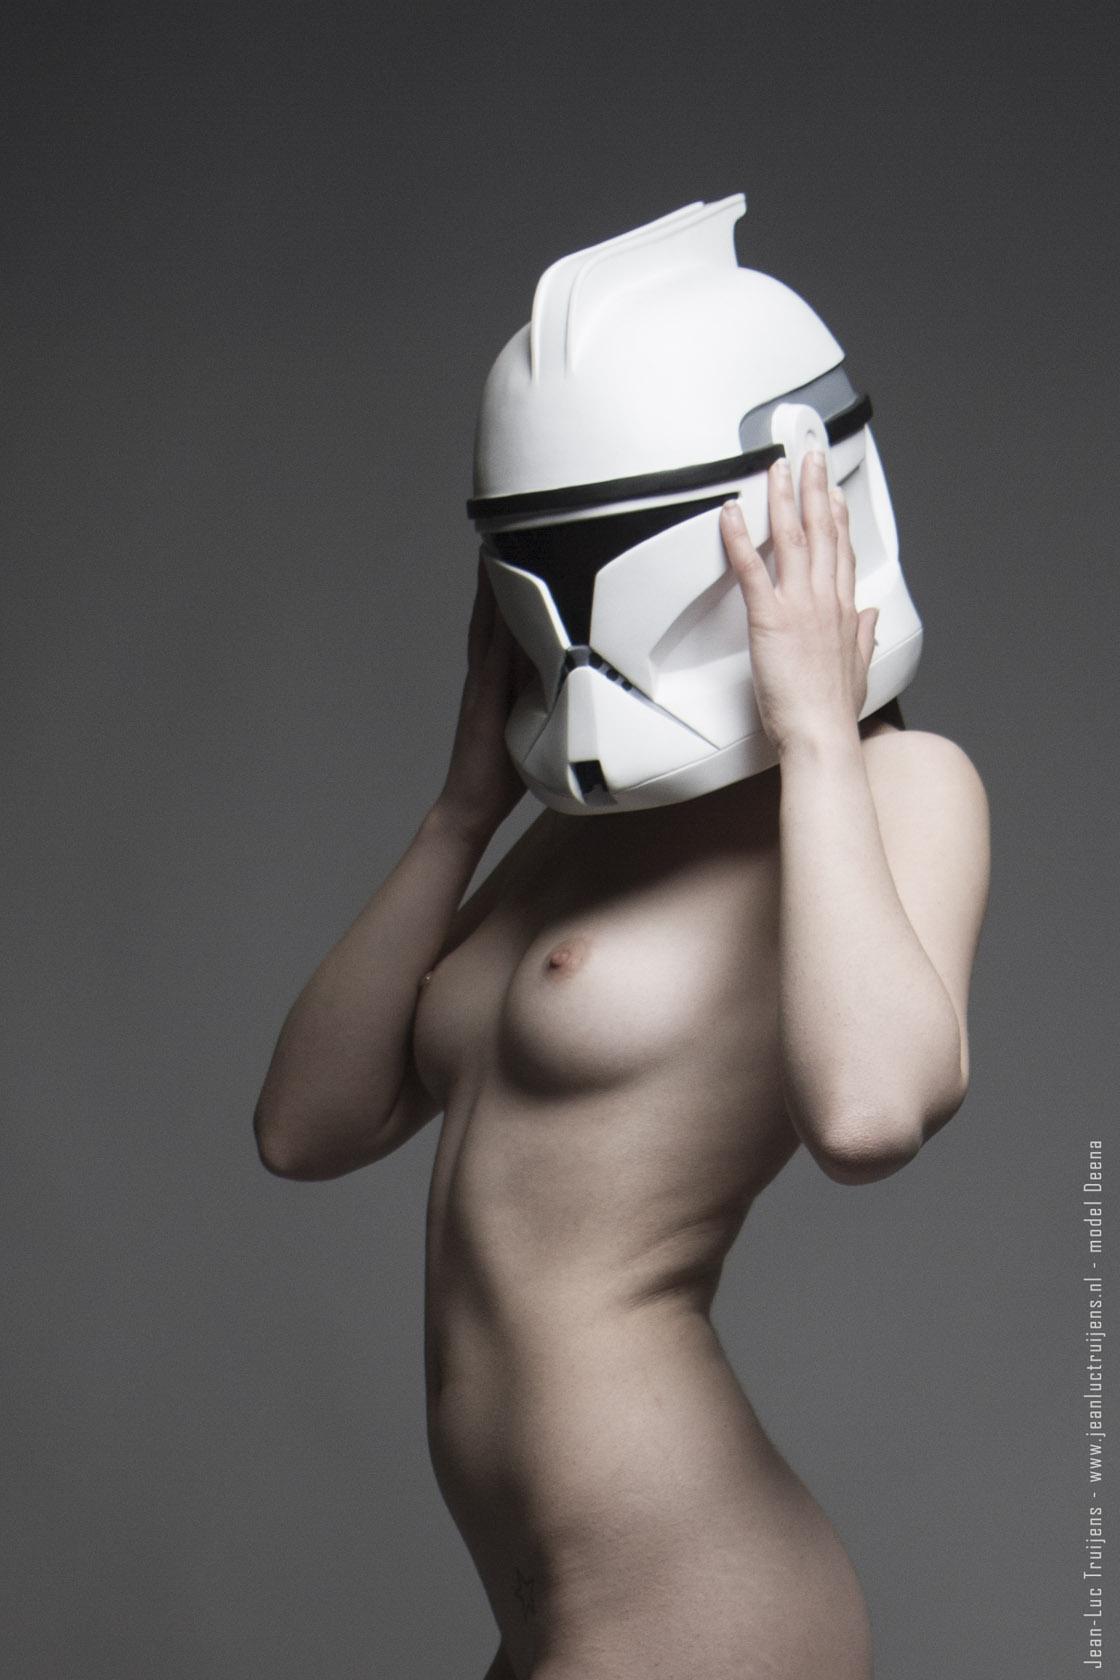 Masks (nsfw)